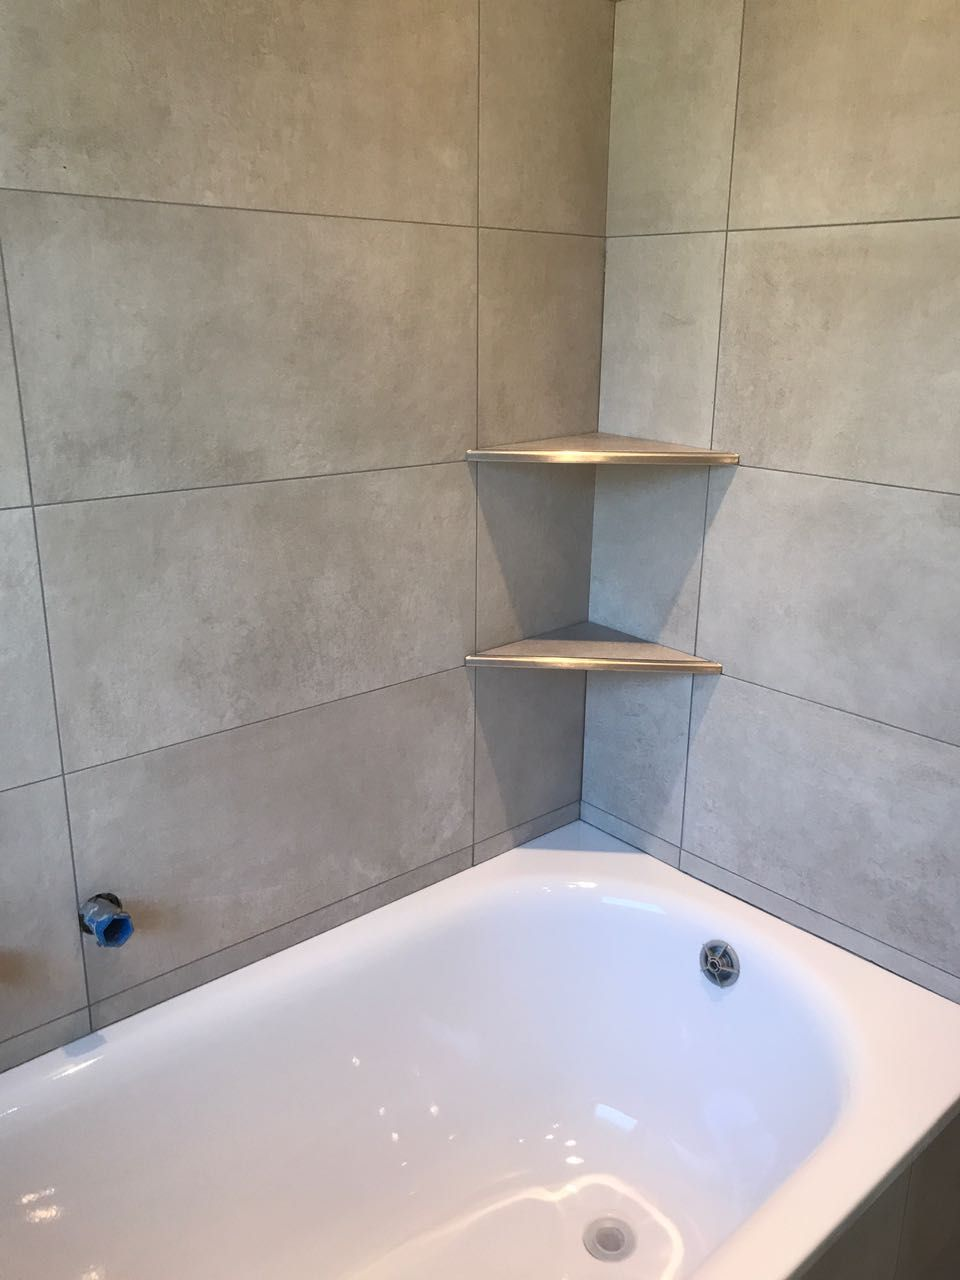 Ablago Design Befliesbare Duschablagen Beispiel20 Produktdesign Duschablage Edelstahl Dusche